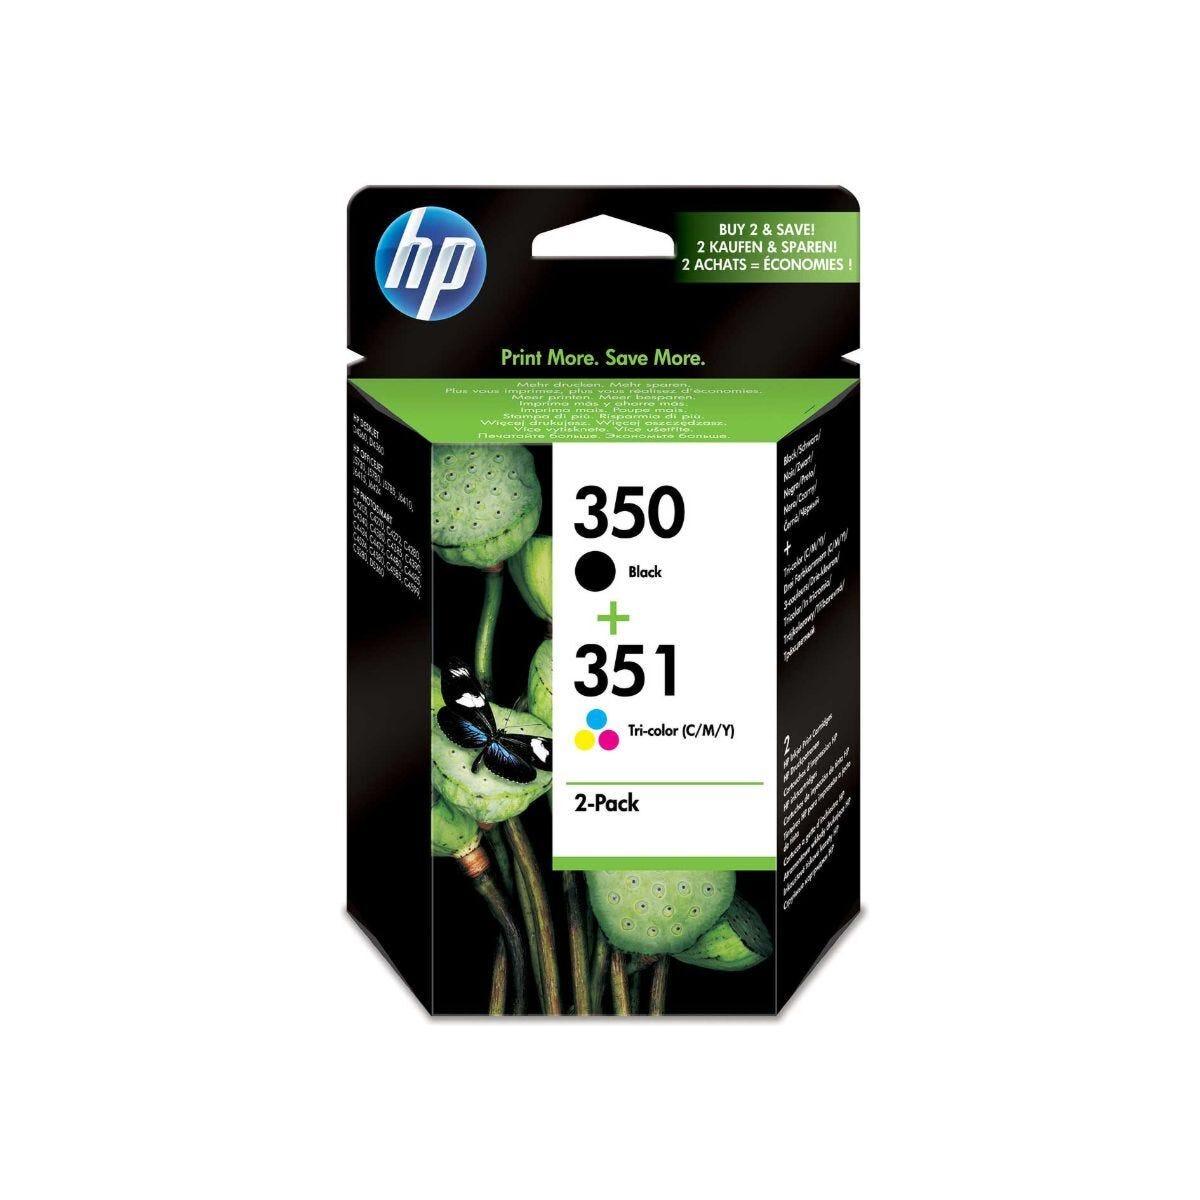 HP 350/351 Printer Ink Cartridge Multipack